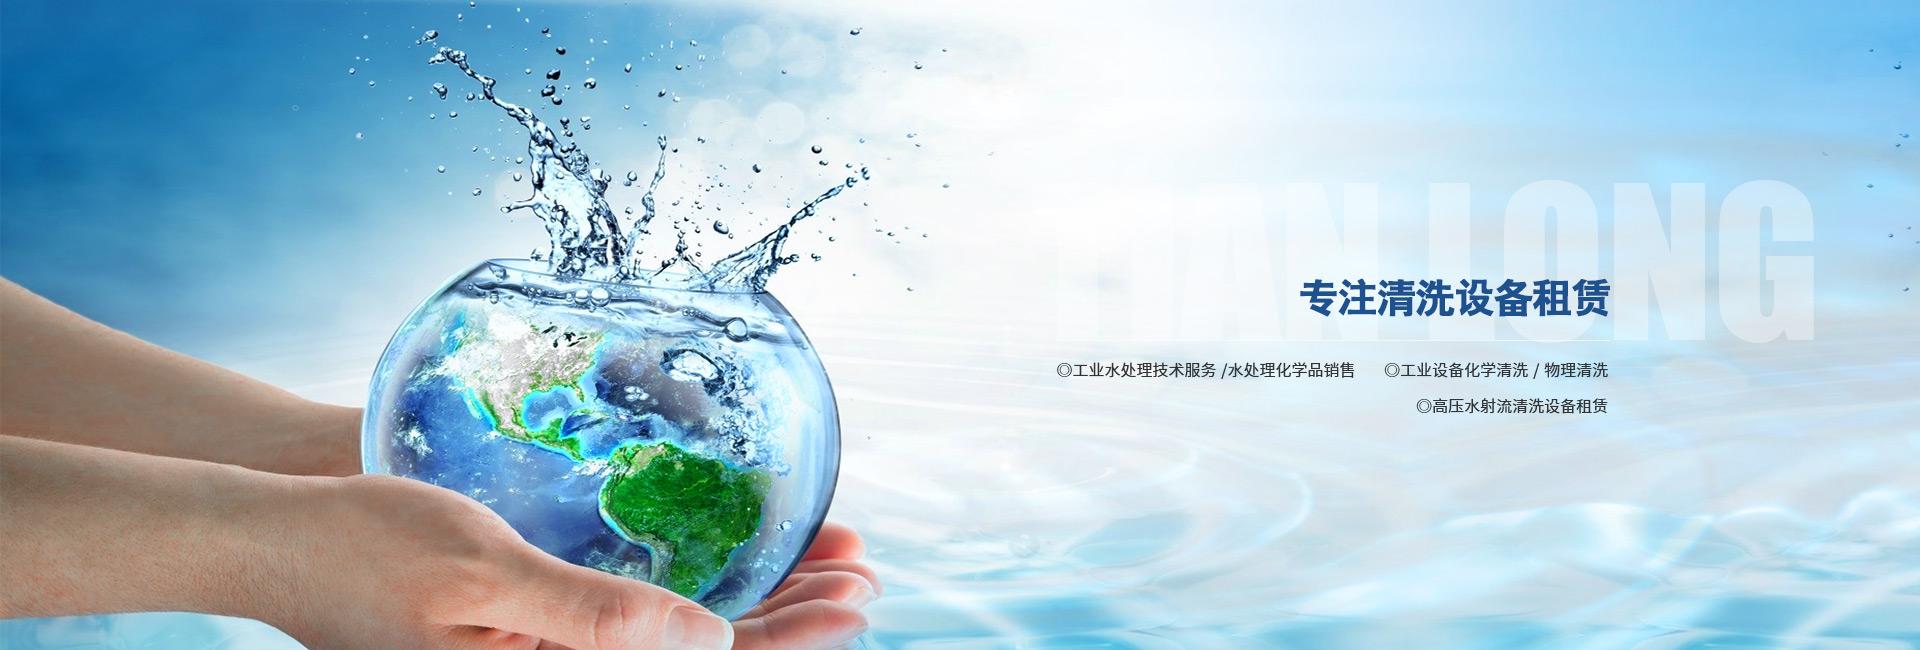 榆林化学清洗工程